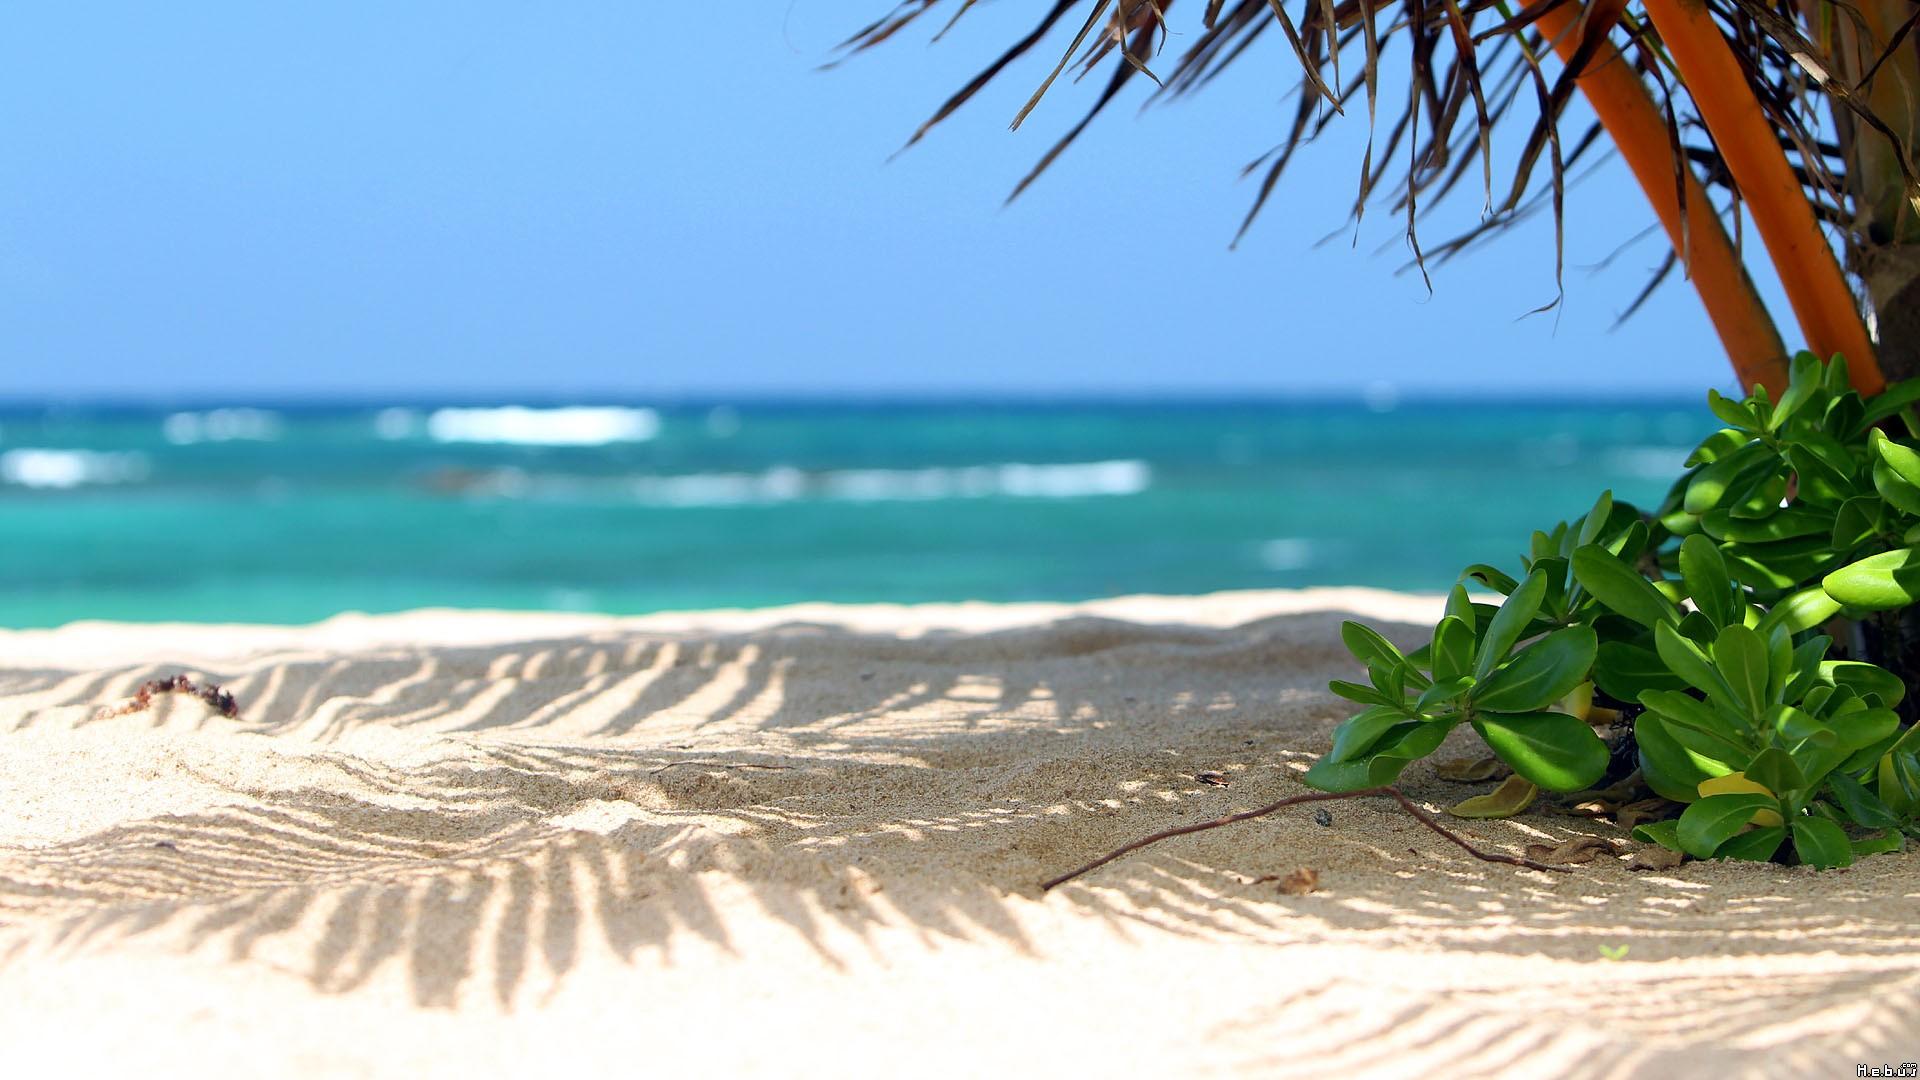 Stunning Beach Scenery